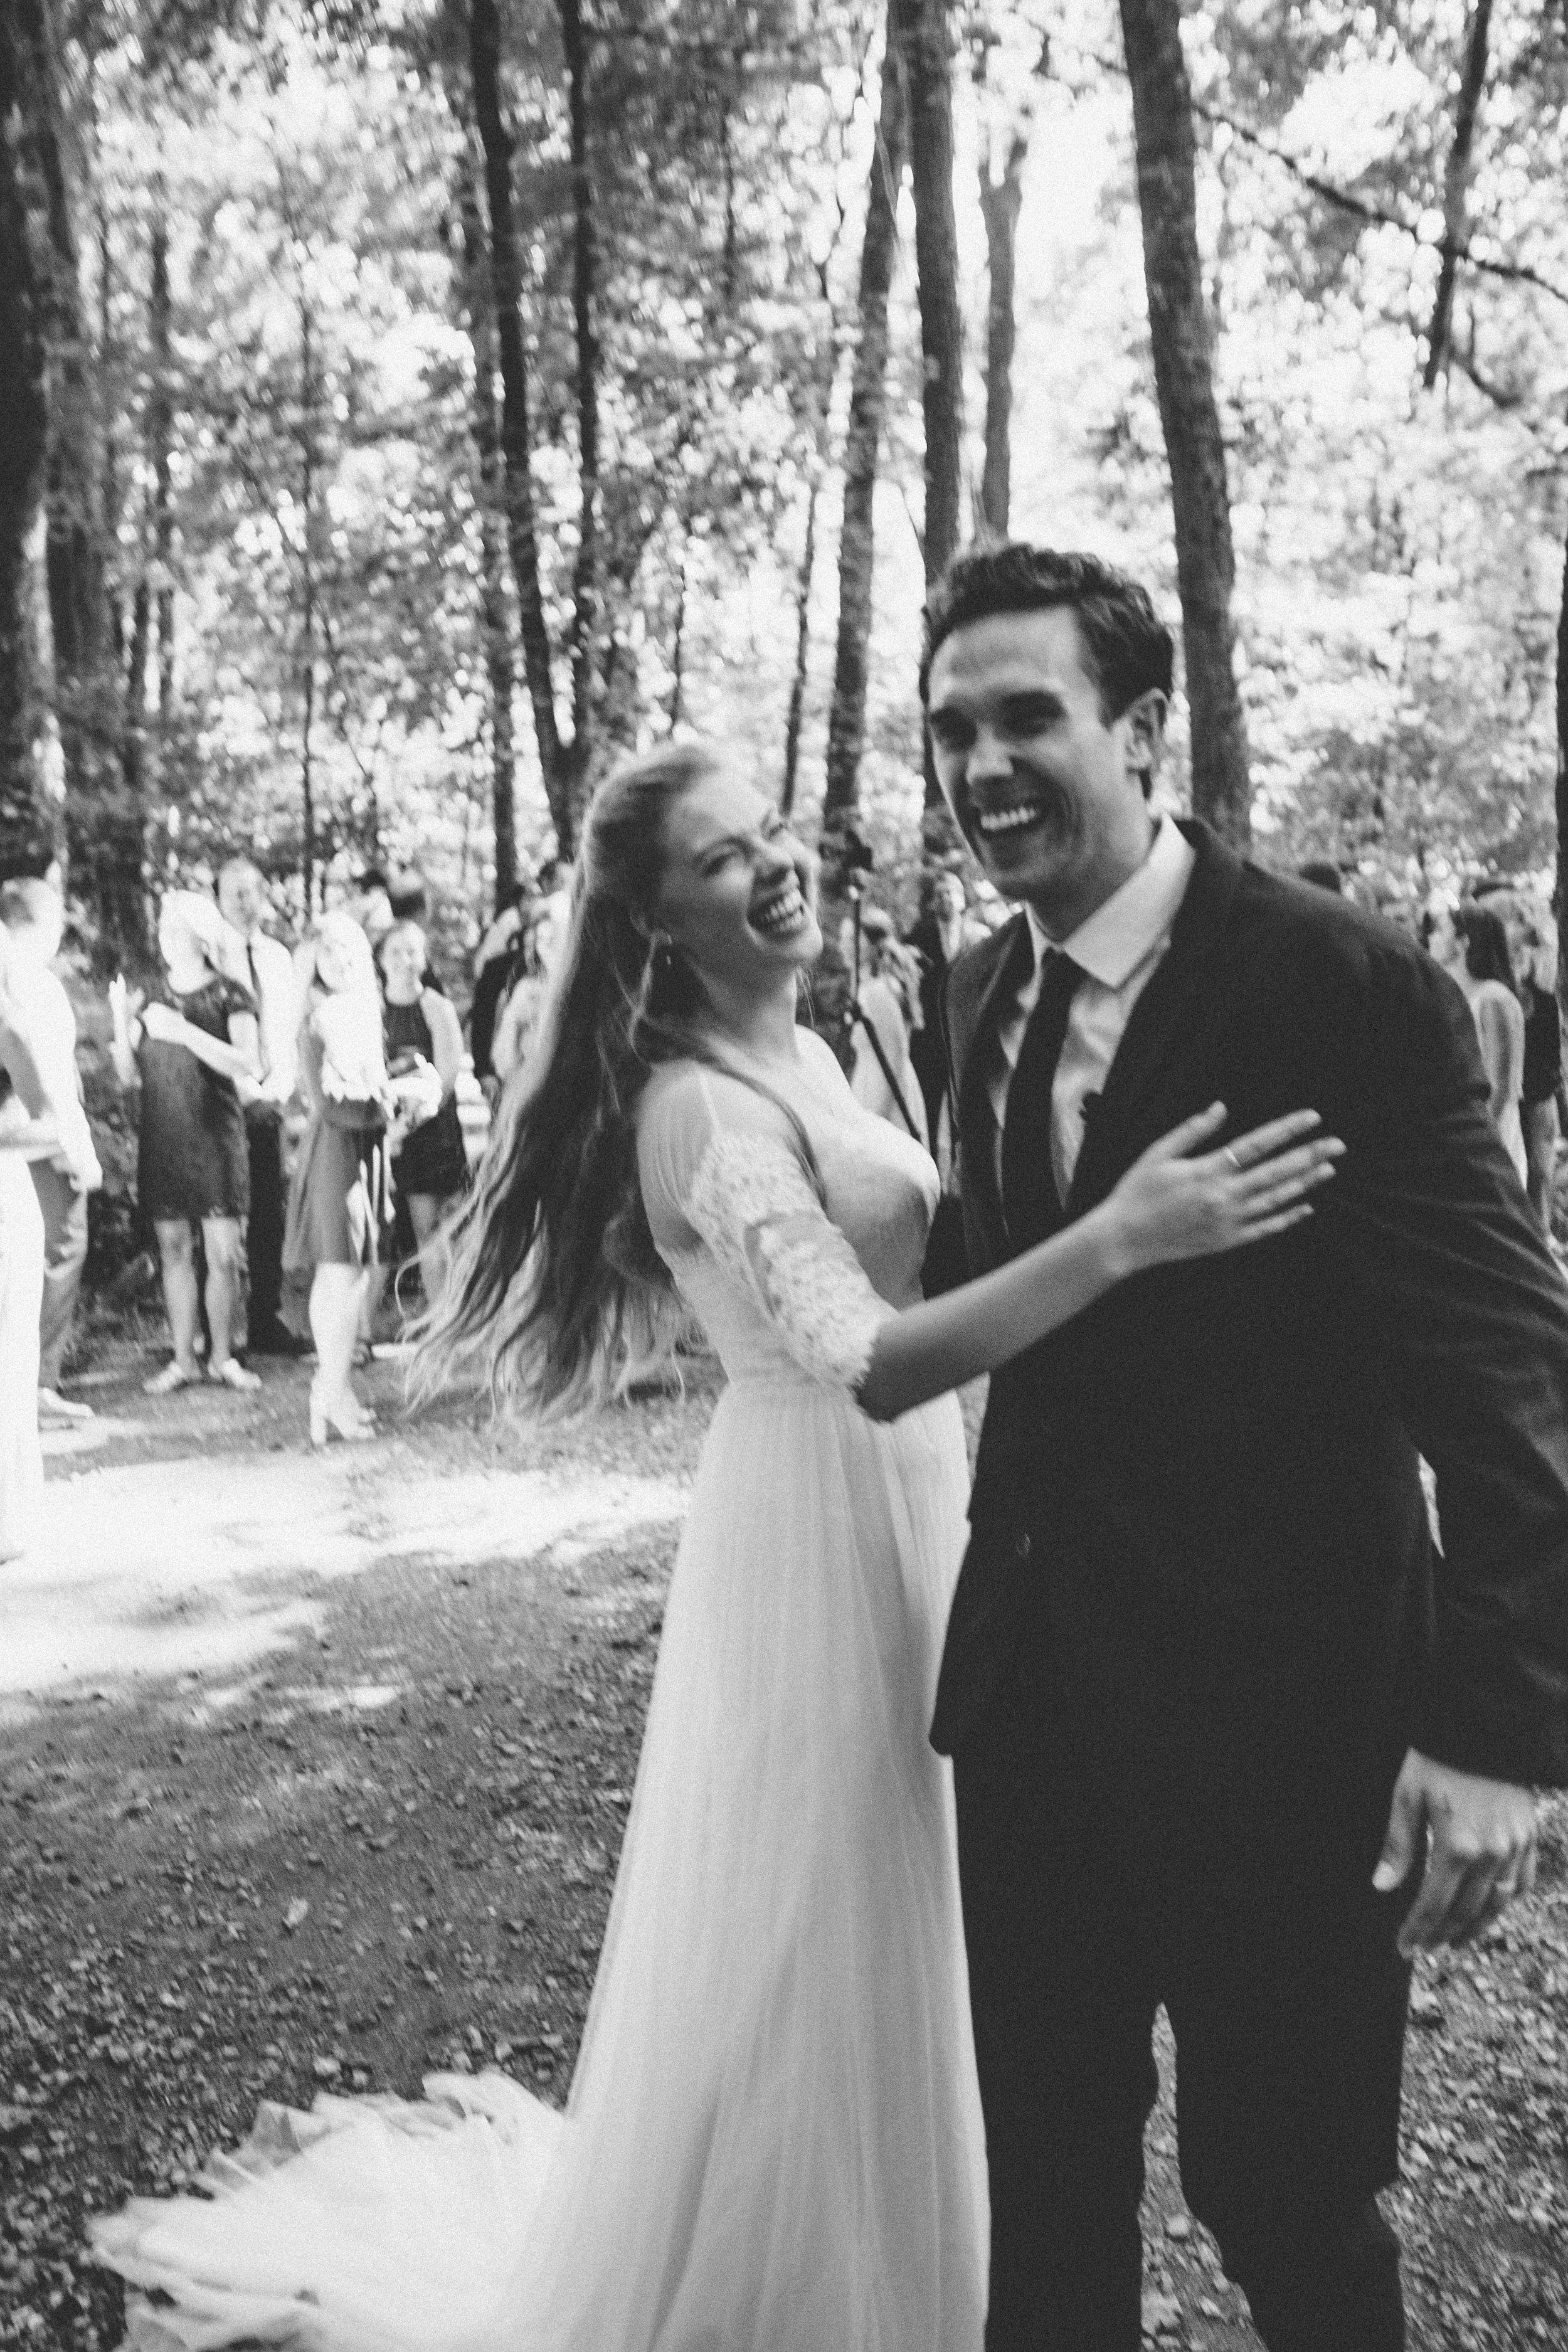 samlandreth-atlanta-wedding-625.jpg